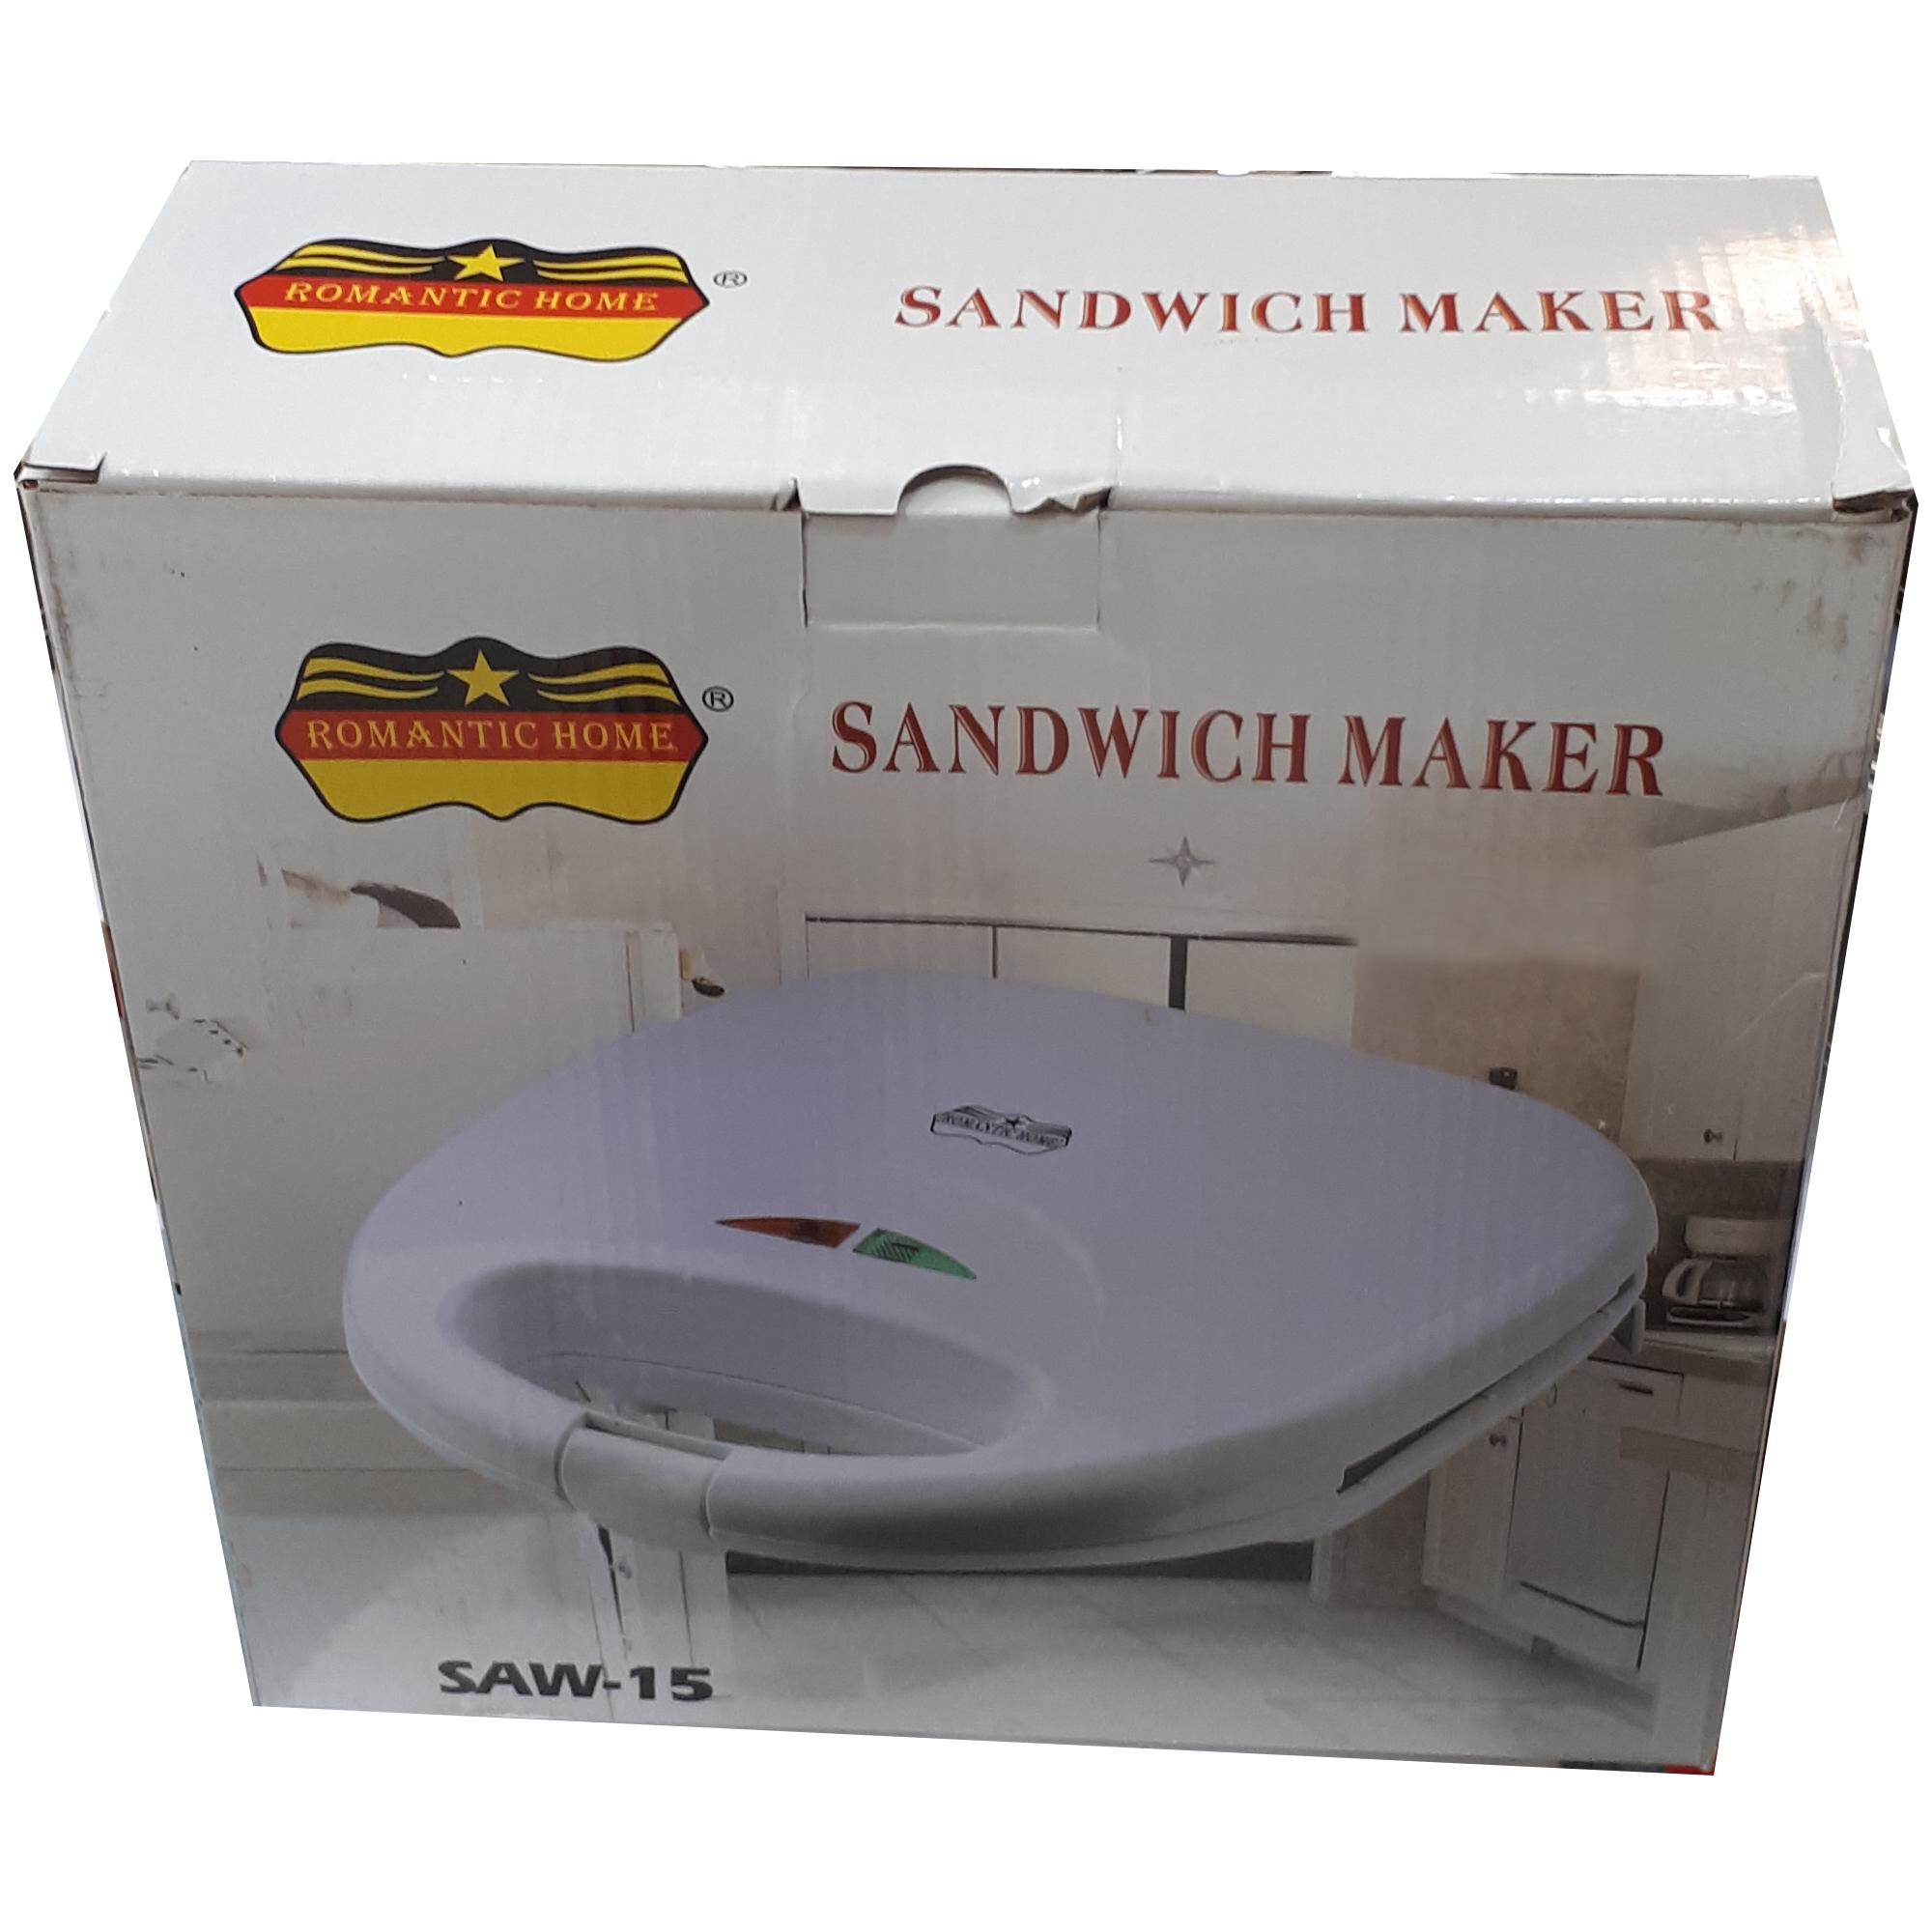 ساندویچ ساز رومانتیک هوم مدل SAW-15 main 1 4